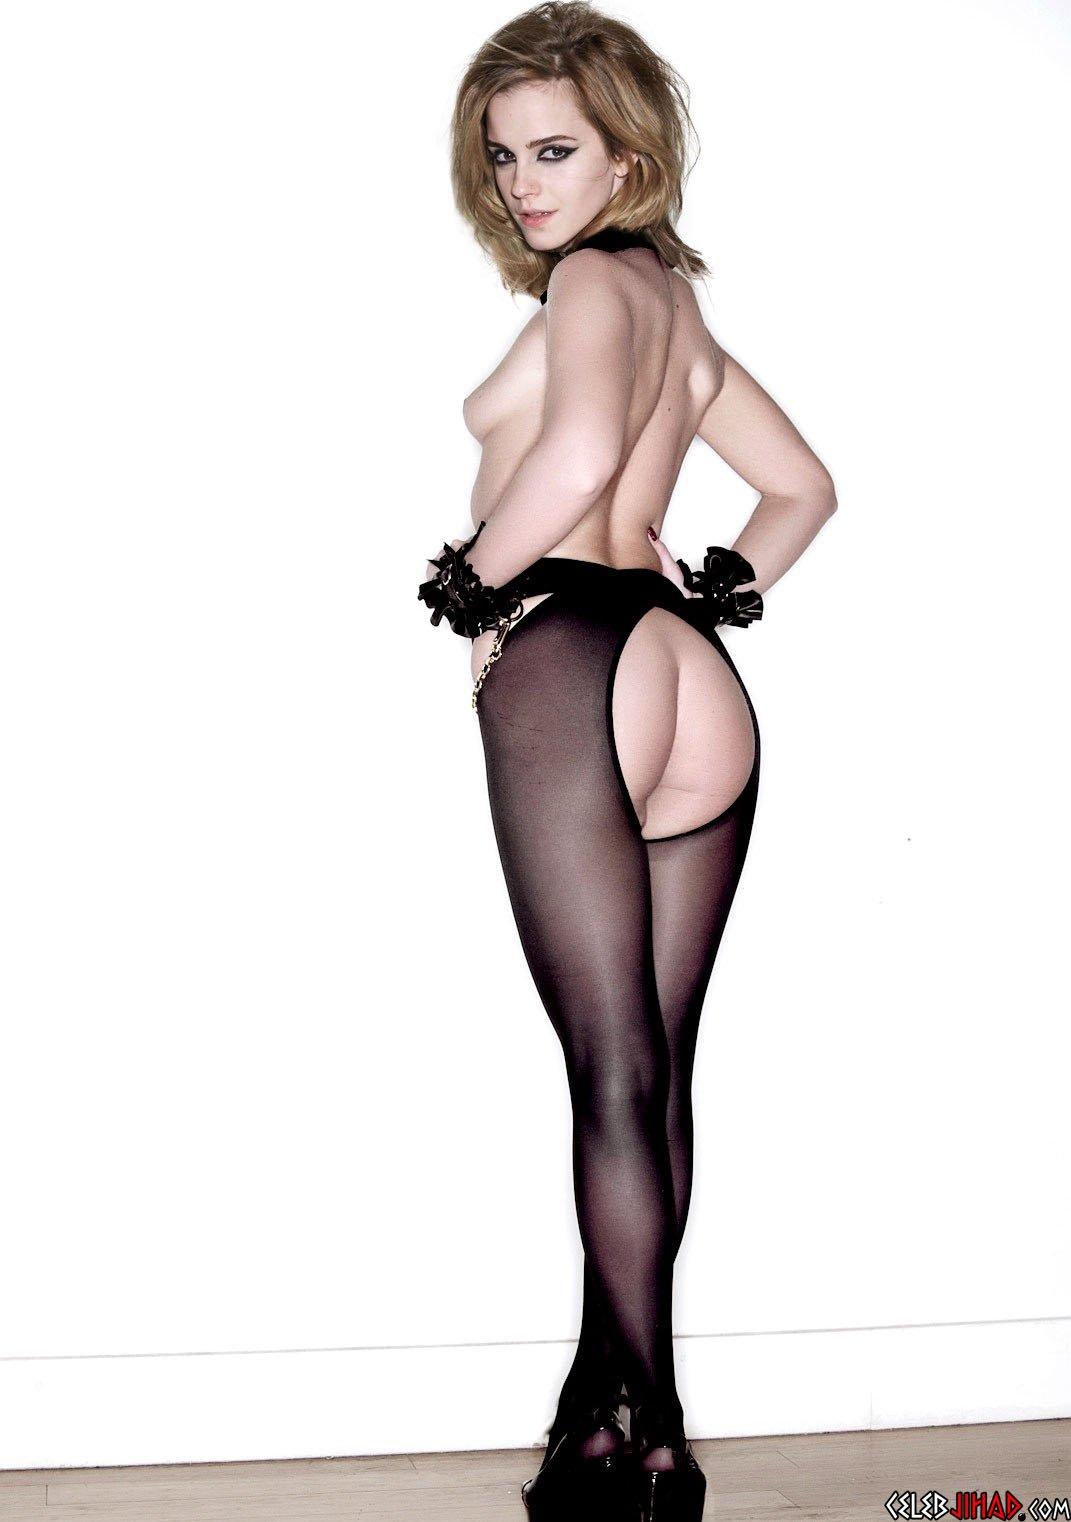 Emma Watson Naked Images